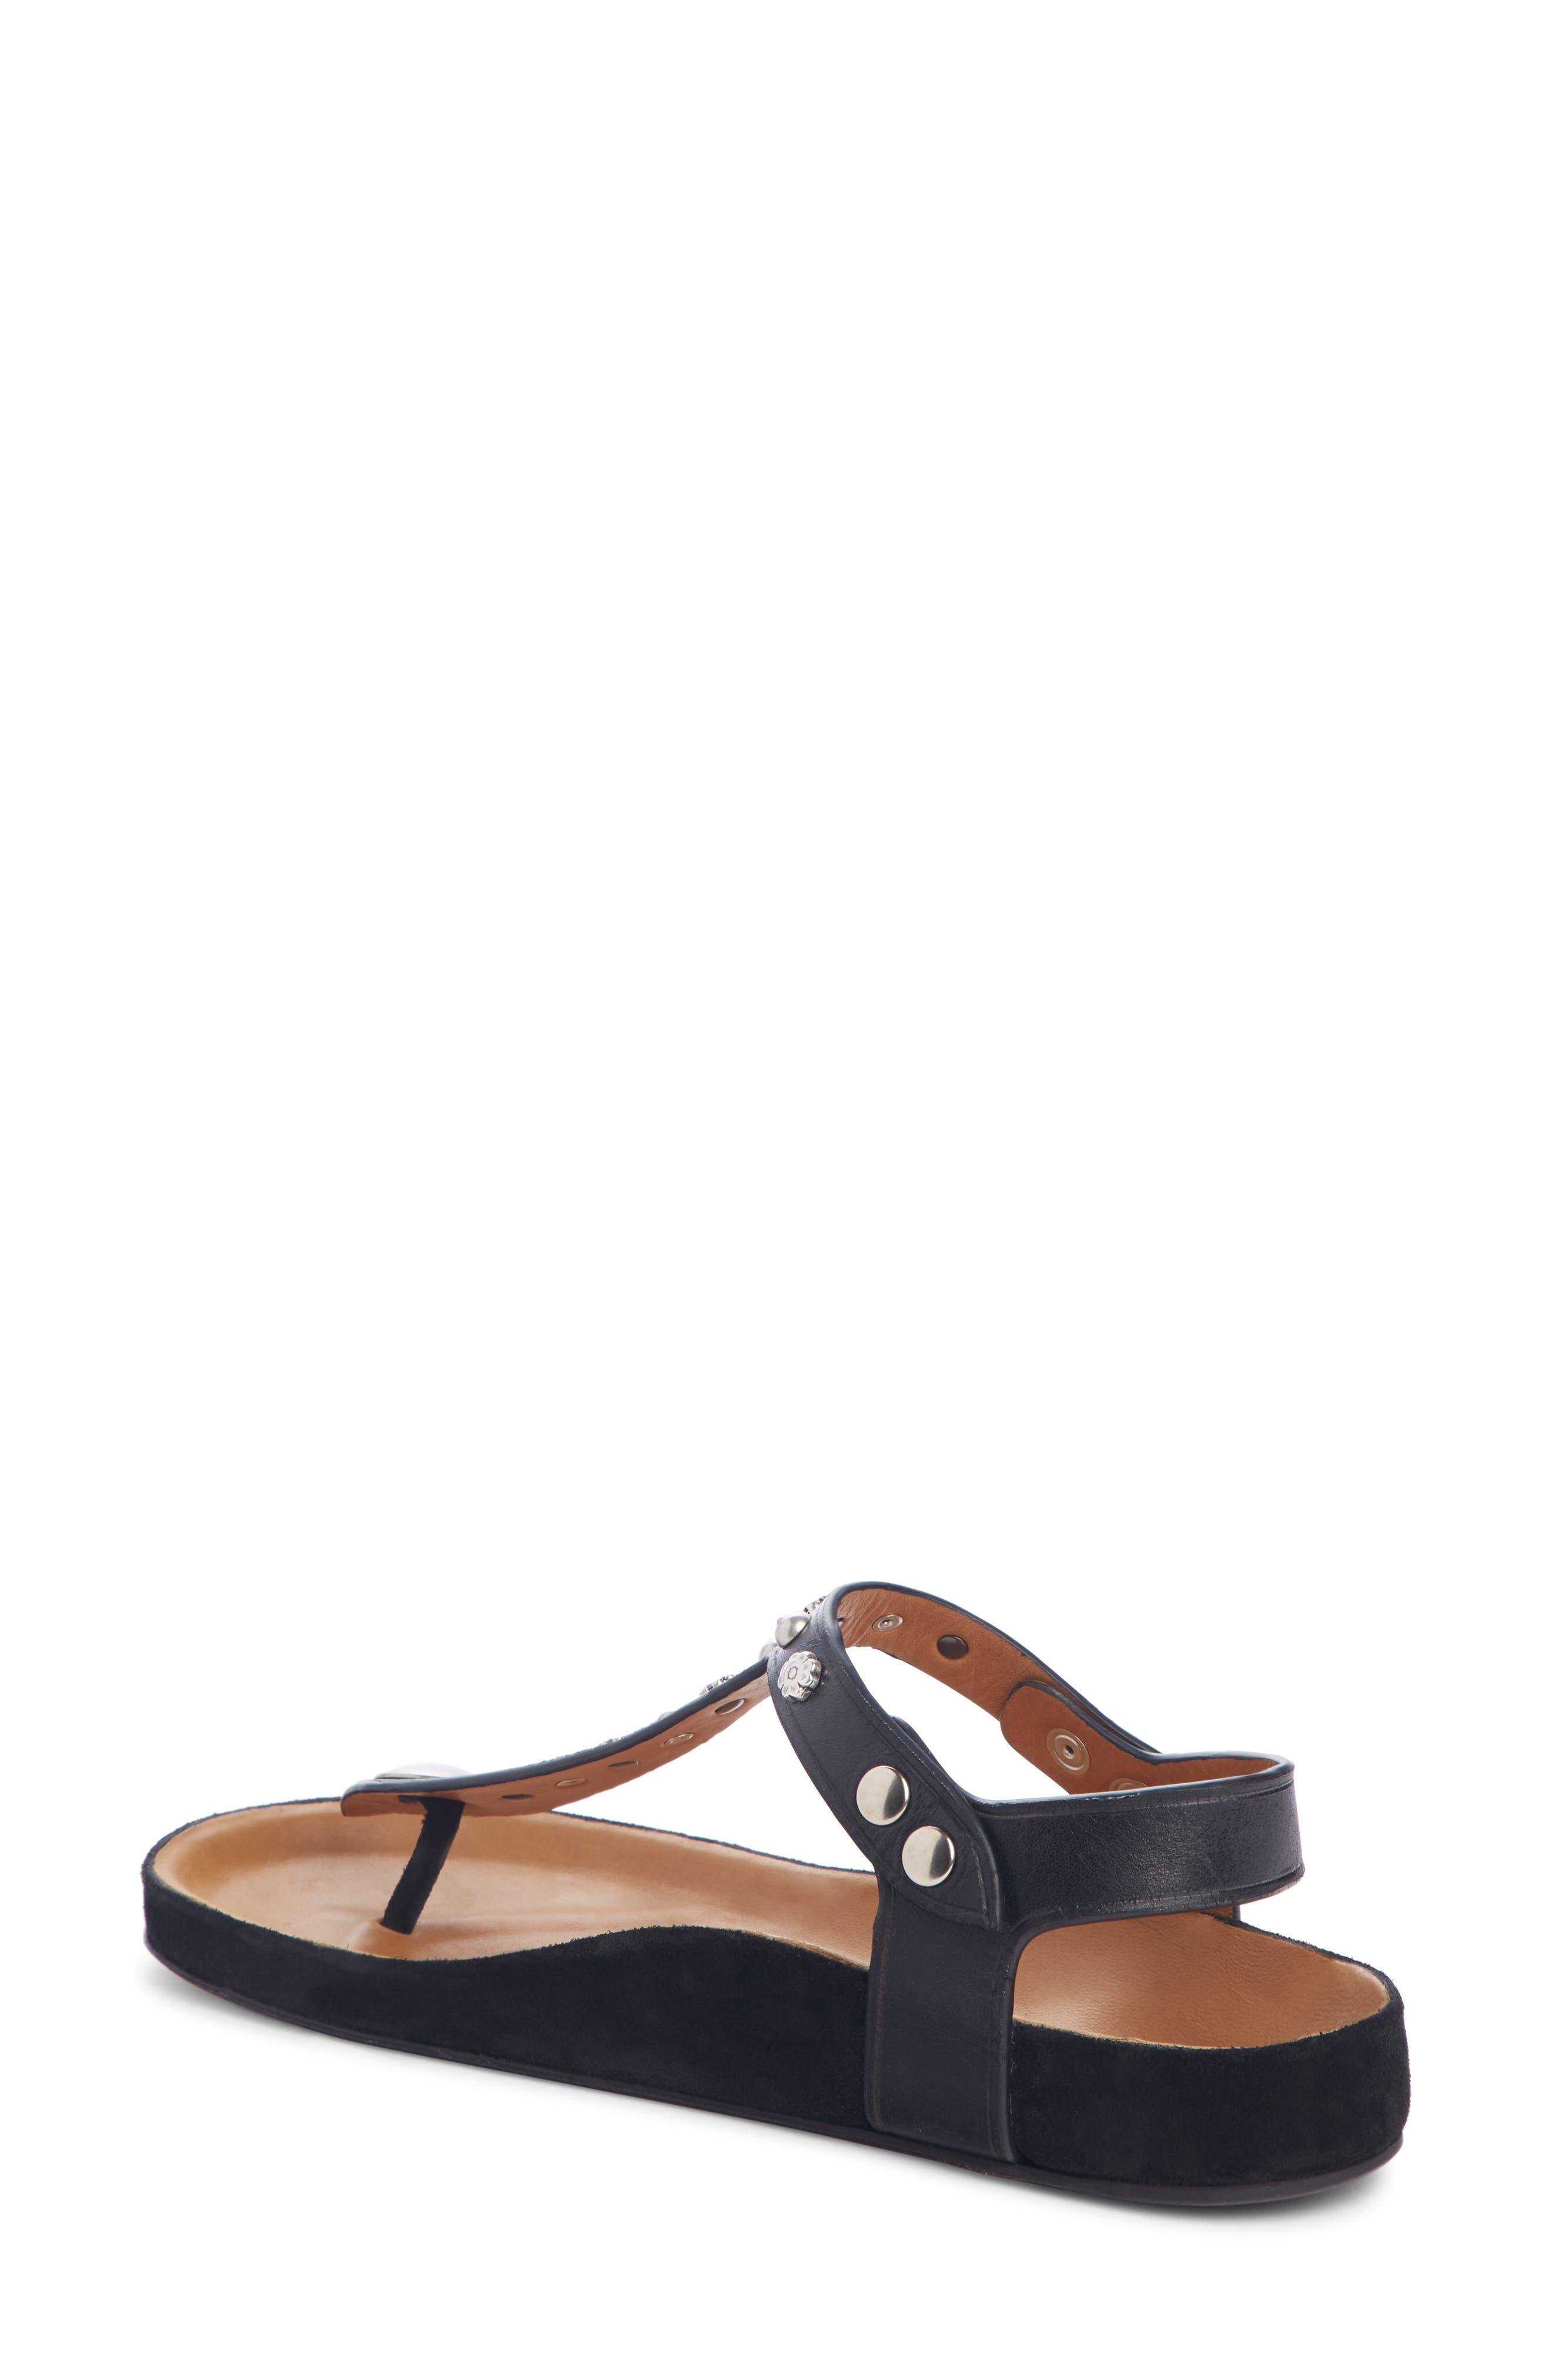 Enore Studded Sandal,                             Alternate thumbnail 2, color,                             BLACK